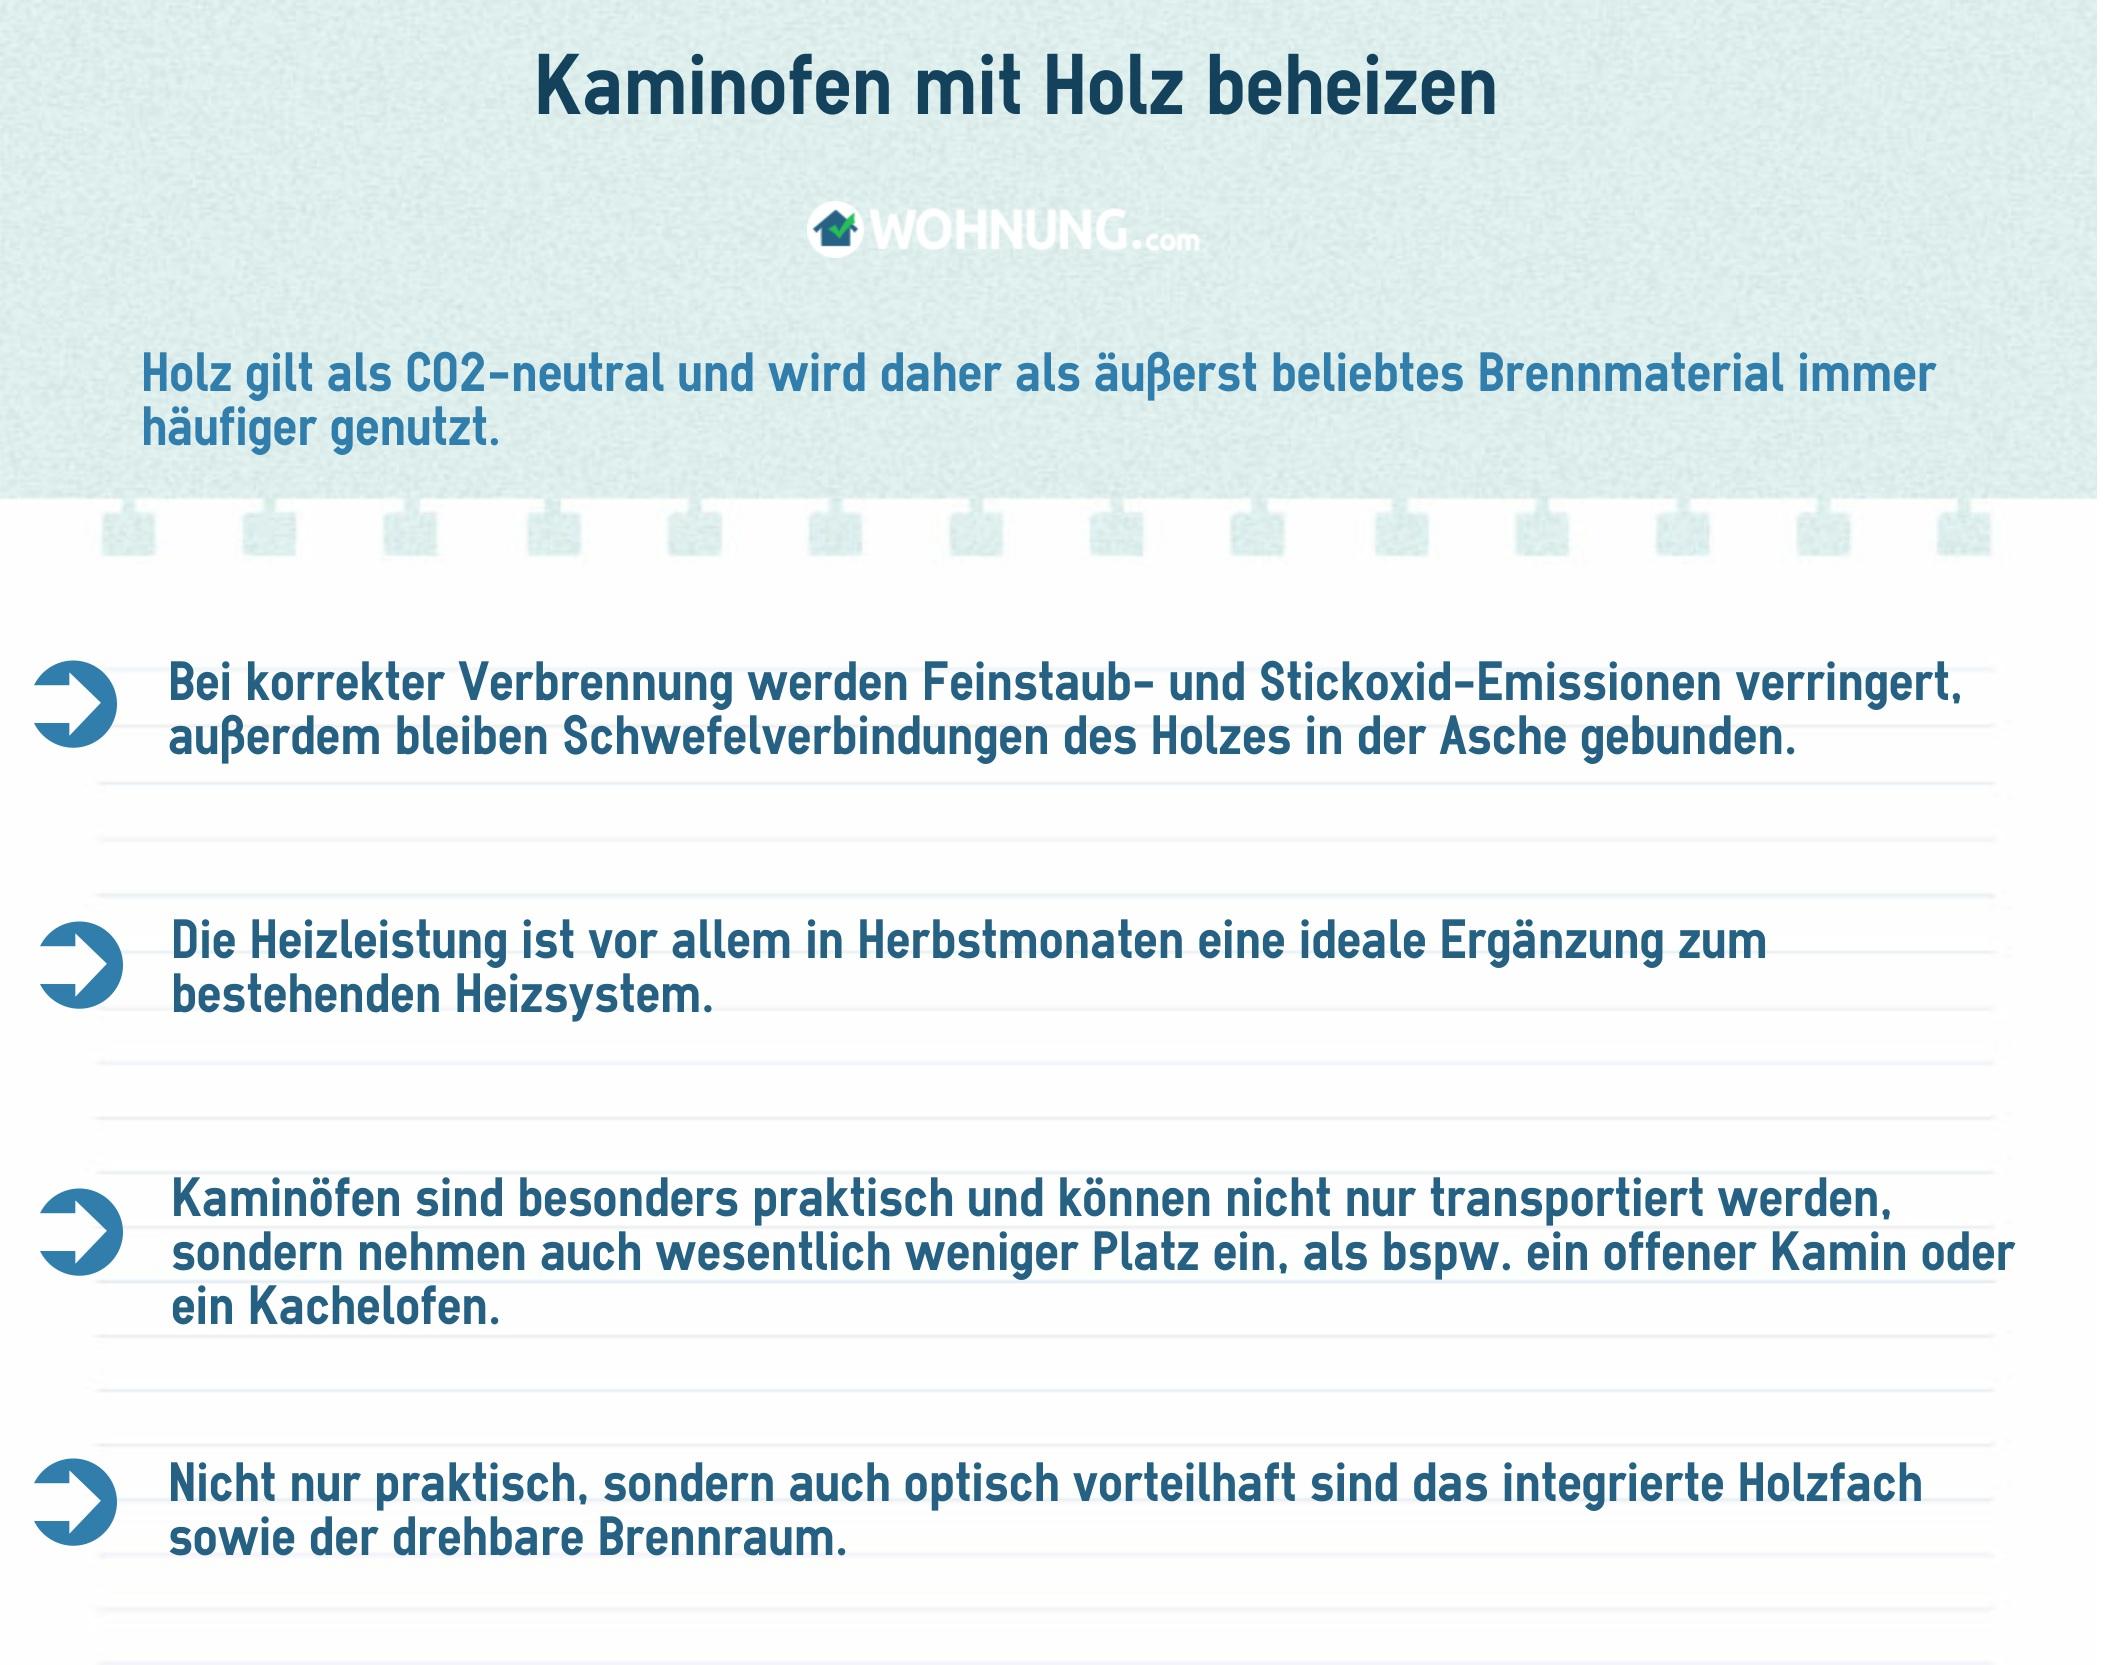 Kaminofen: Natürliches Heizen mit Holz - Wohnung.com Ratgeber